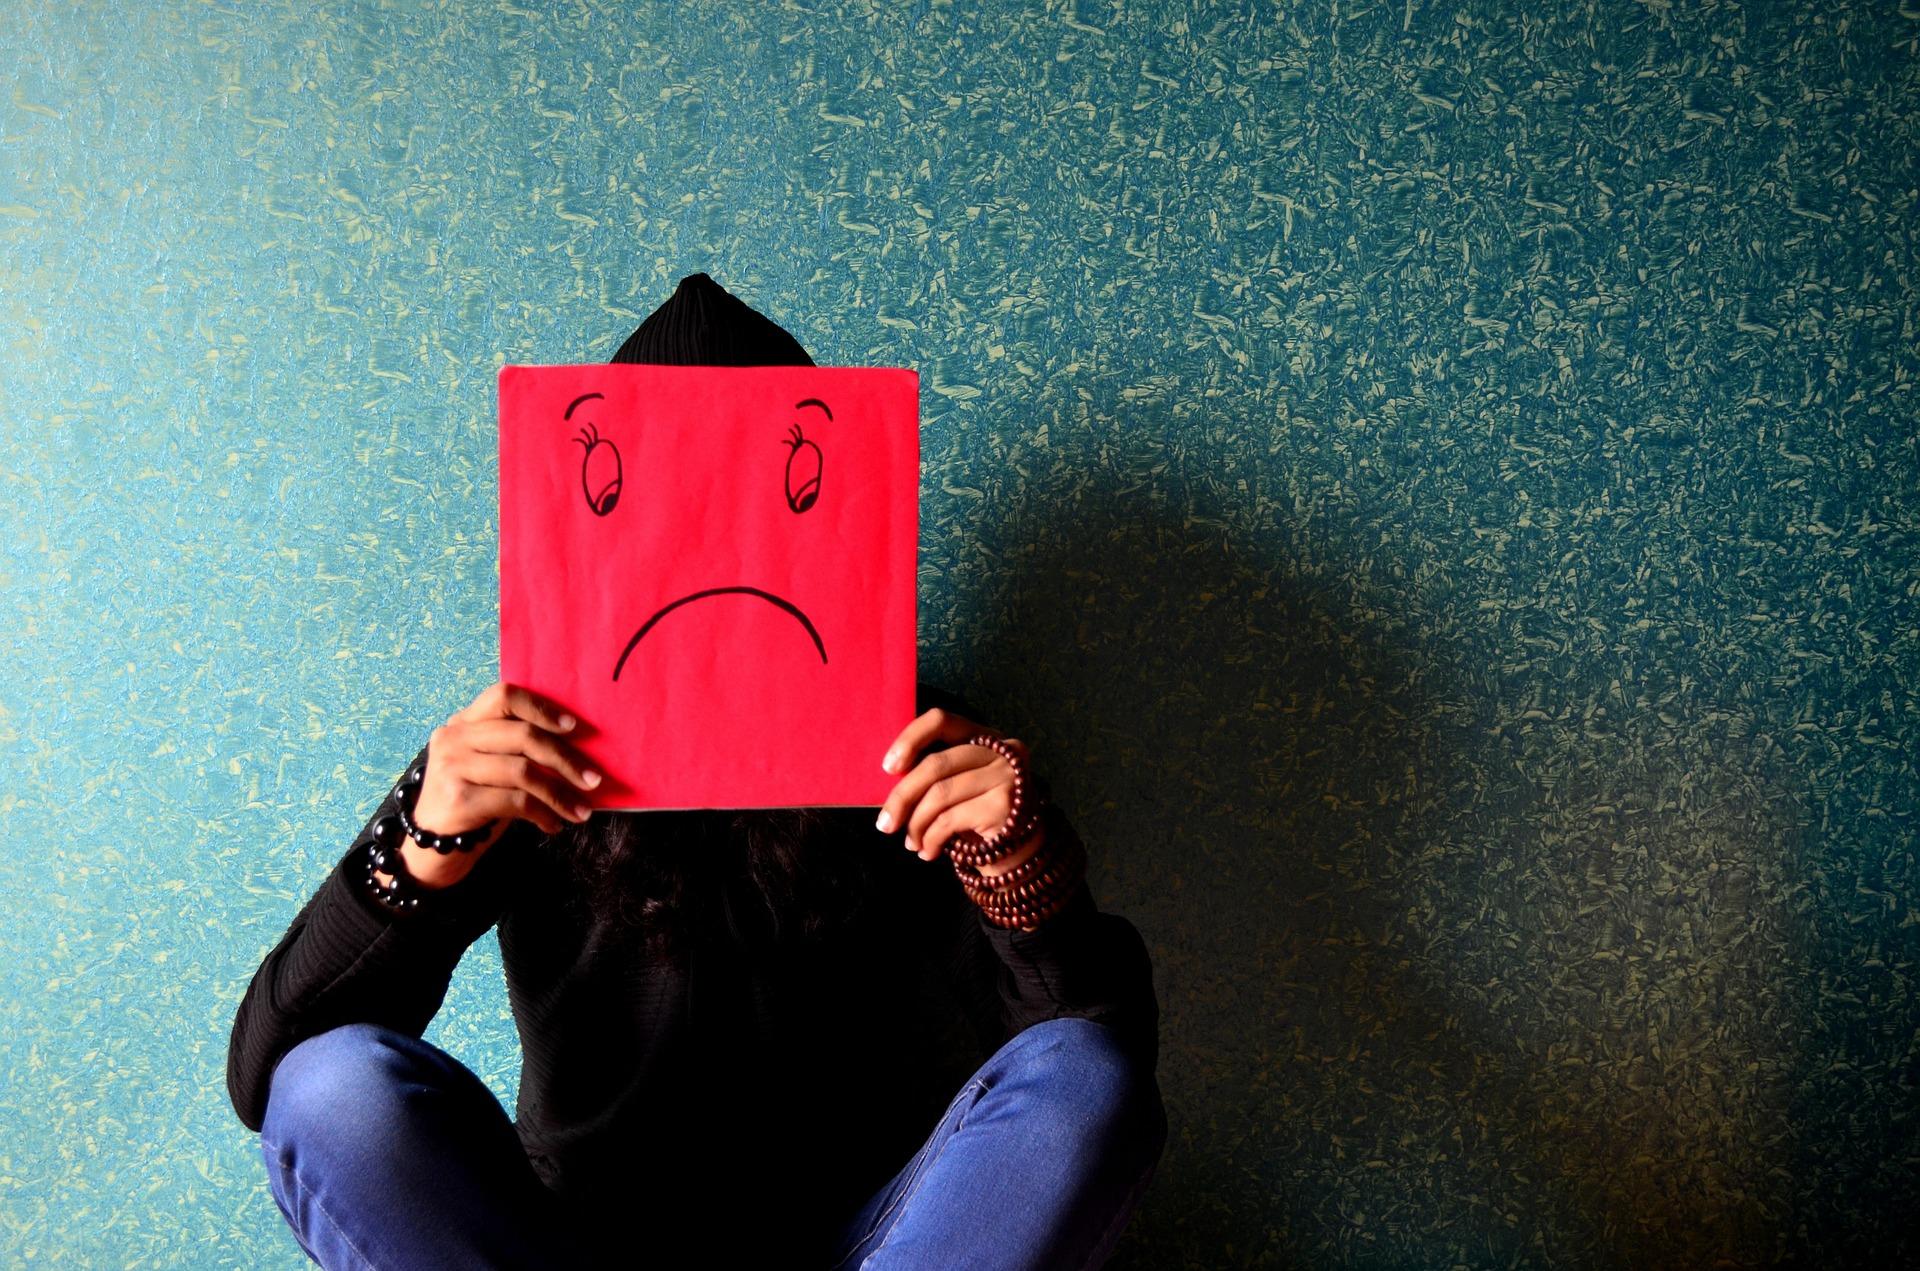 内向的な人に向いてない仕事7選【コミュニケーションが実は苦手】